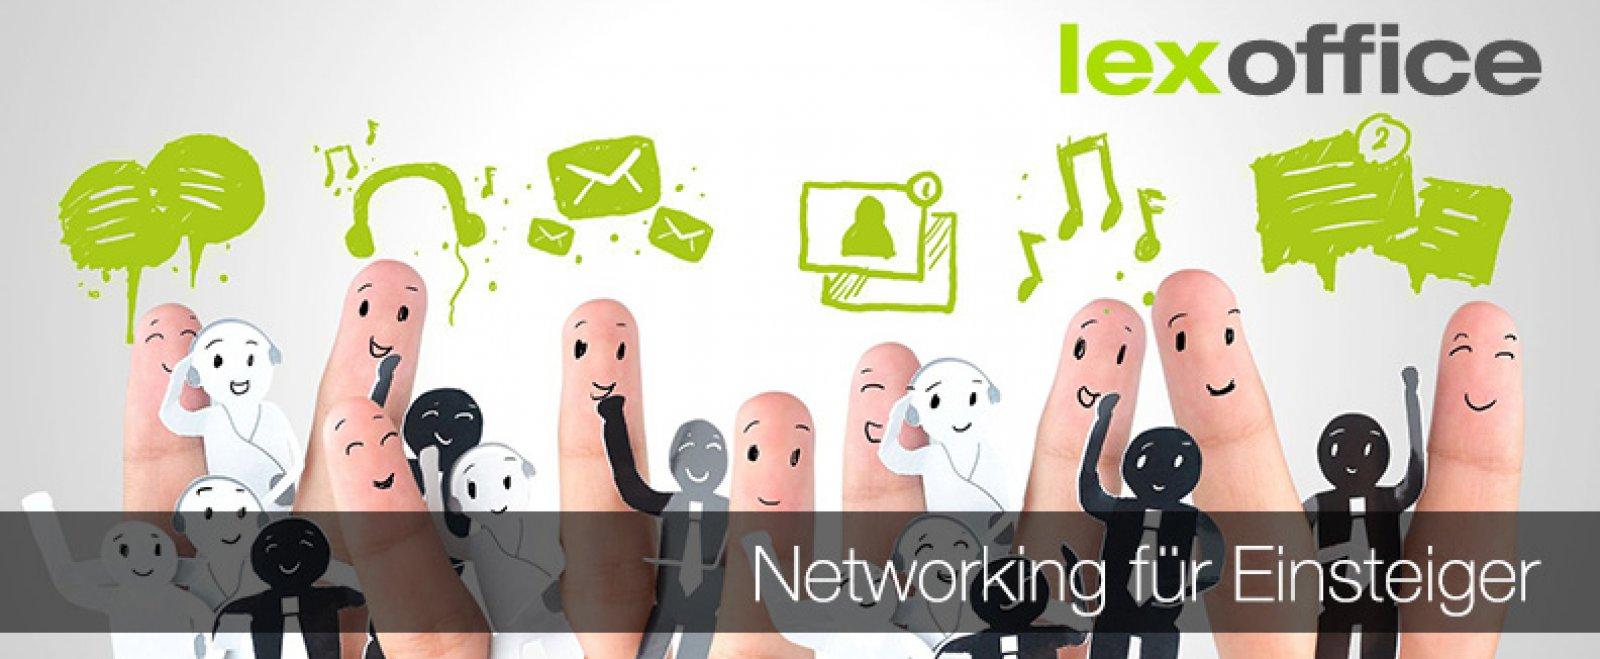 Networking für Newbies